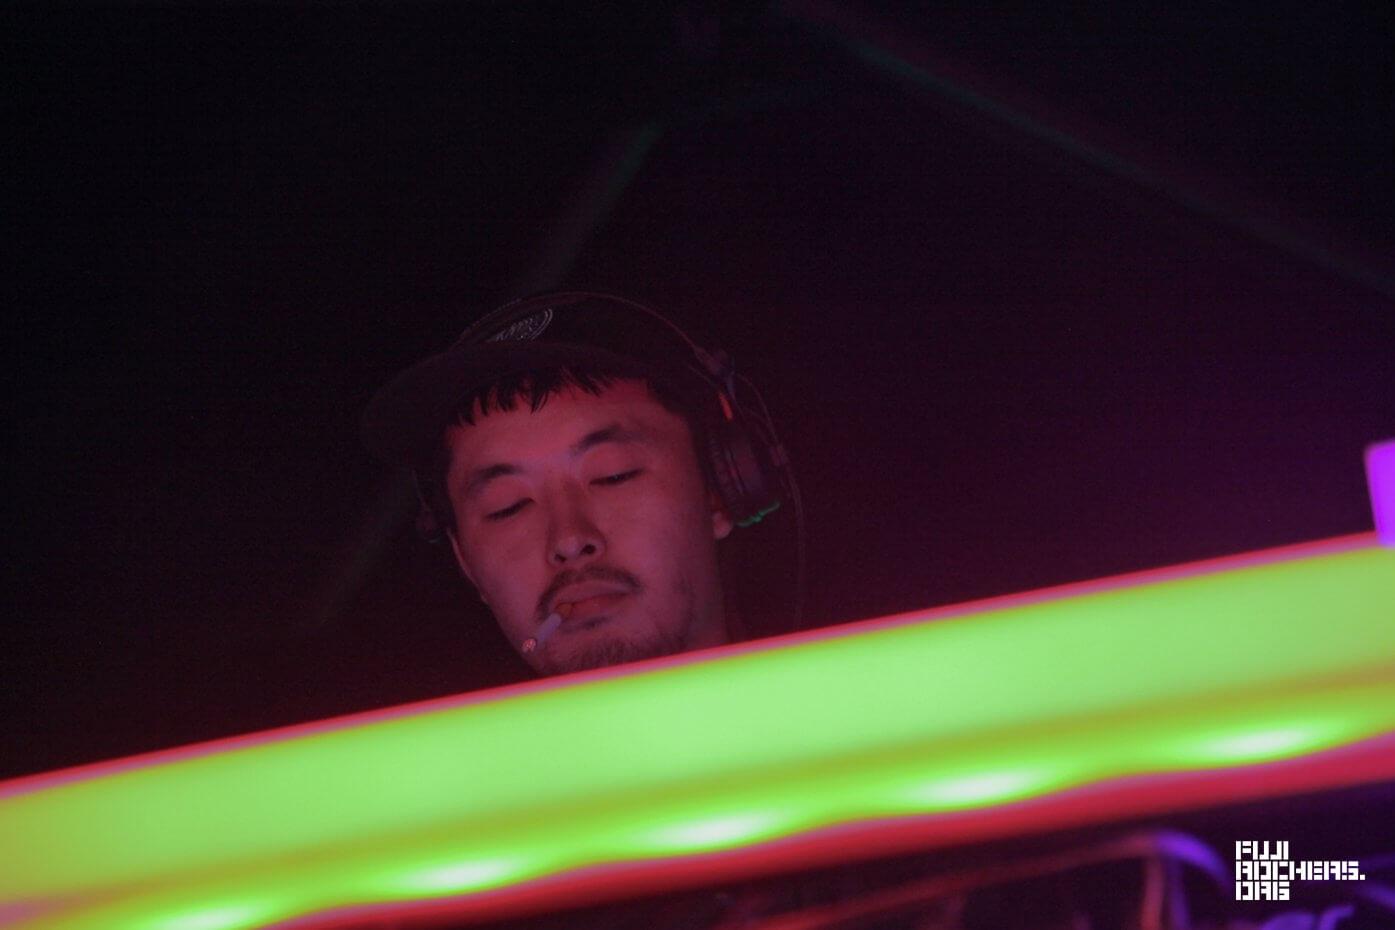 Daigo Sakuragi (D.A.N.)